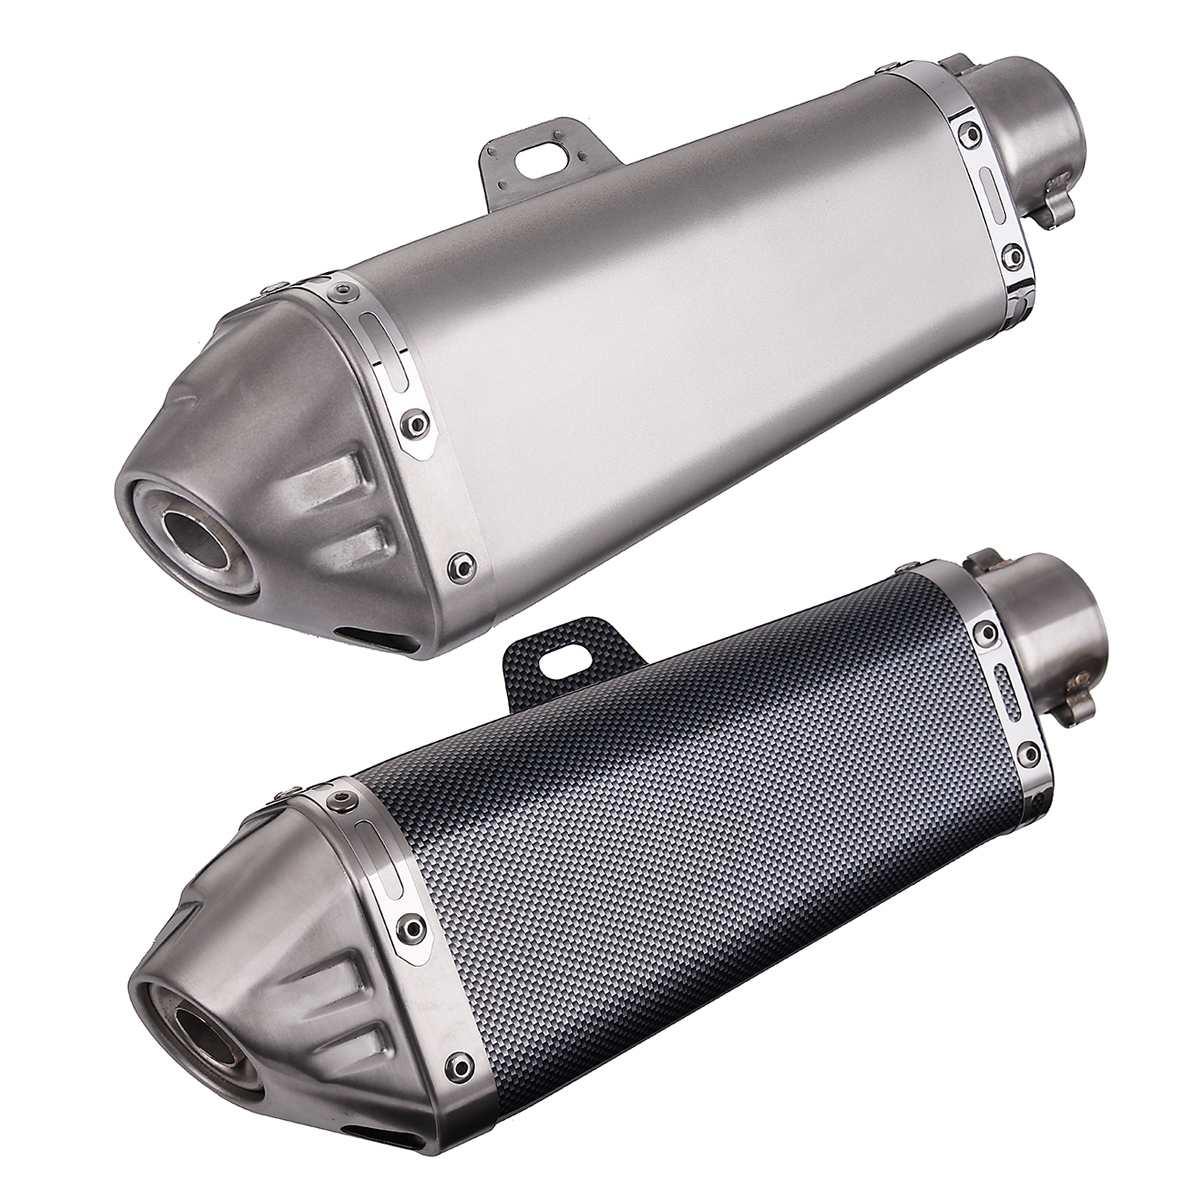 Universal 38-51mm Motorcycle Chrome Fiber Exhaust Muffler w// Silencer Dirt Bike